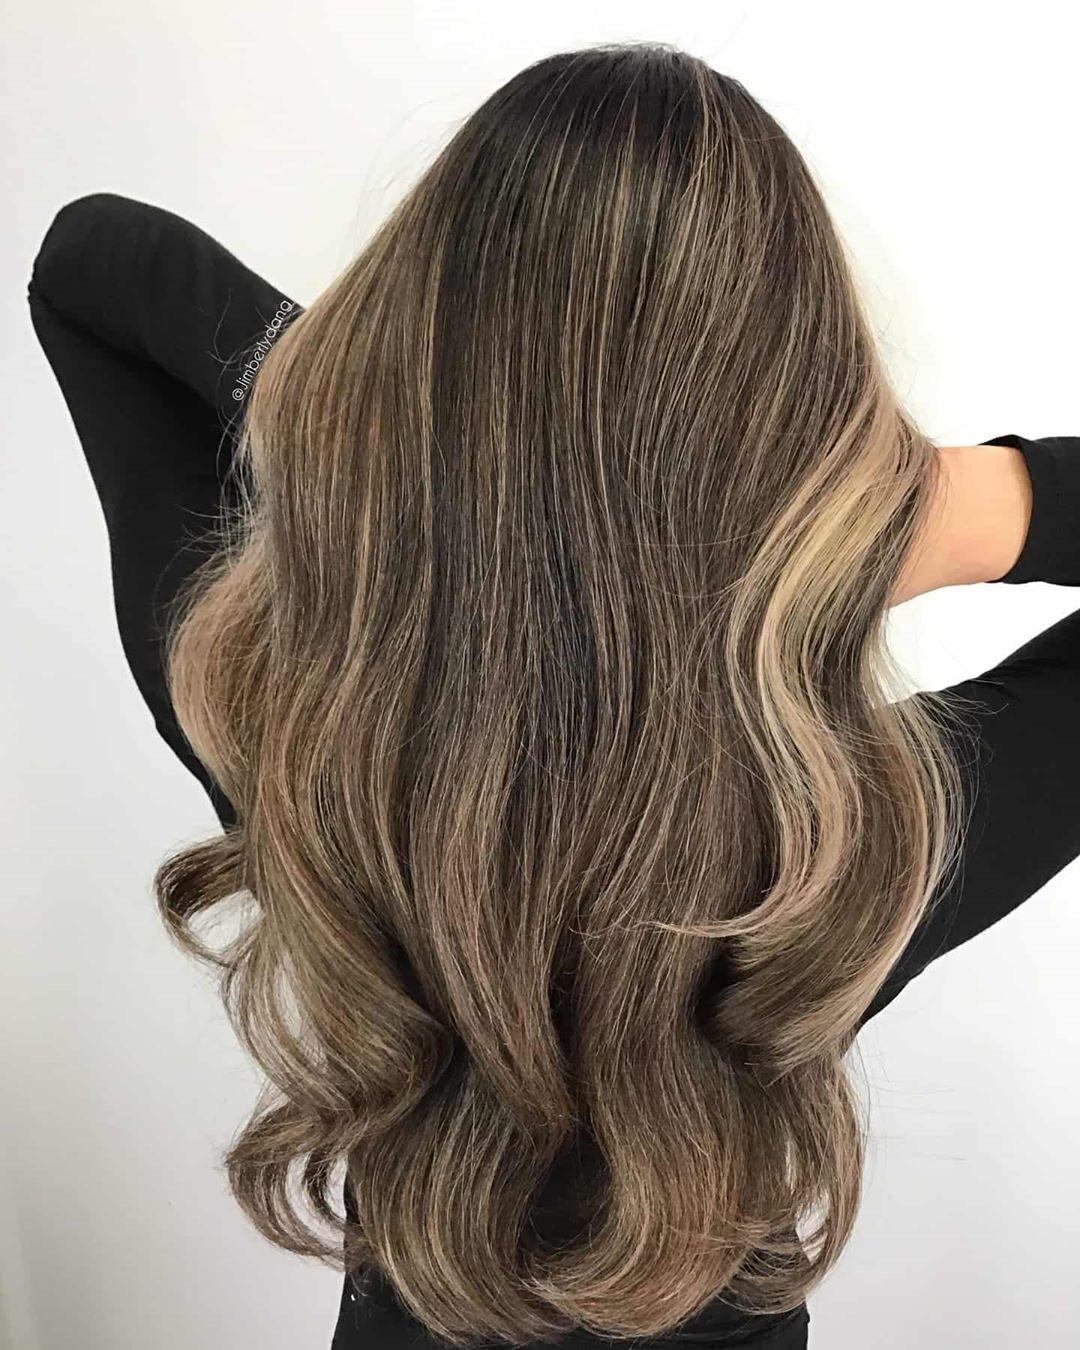 Cheveux foncés avec des mèches blondes beiges